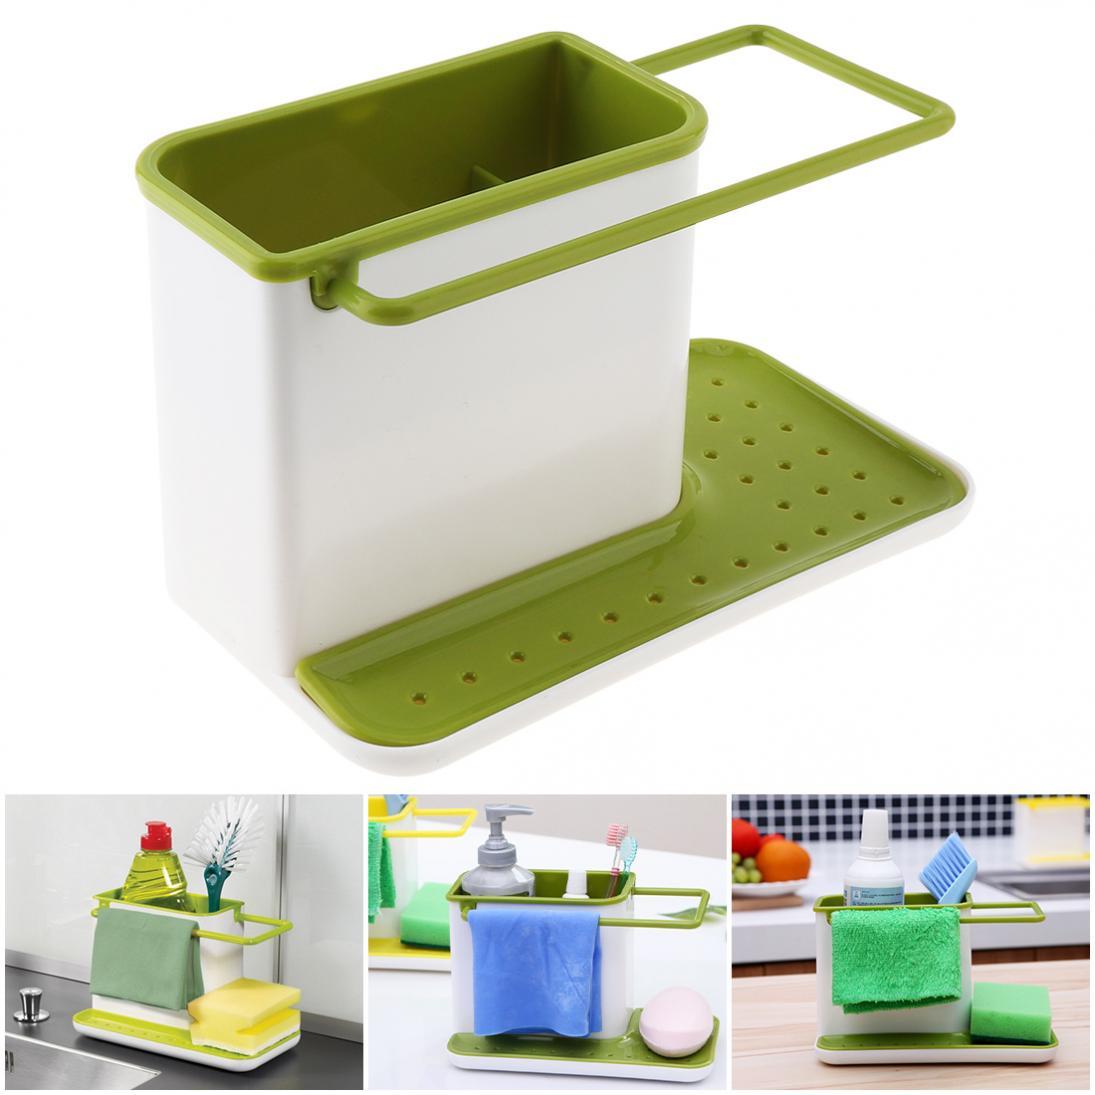 Plástico multifunción verde lixiviados estantes de almacenamiento con tablero de drenaje Diseño y desmontable para cocina Baño